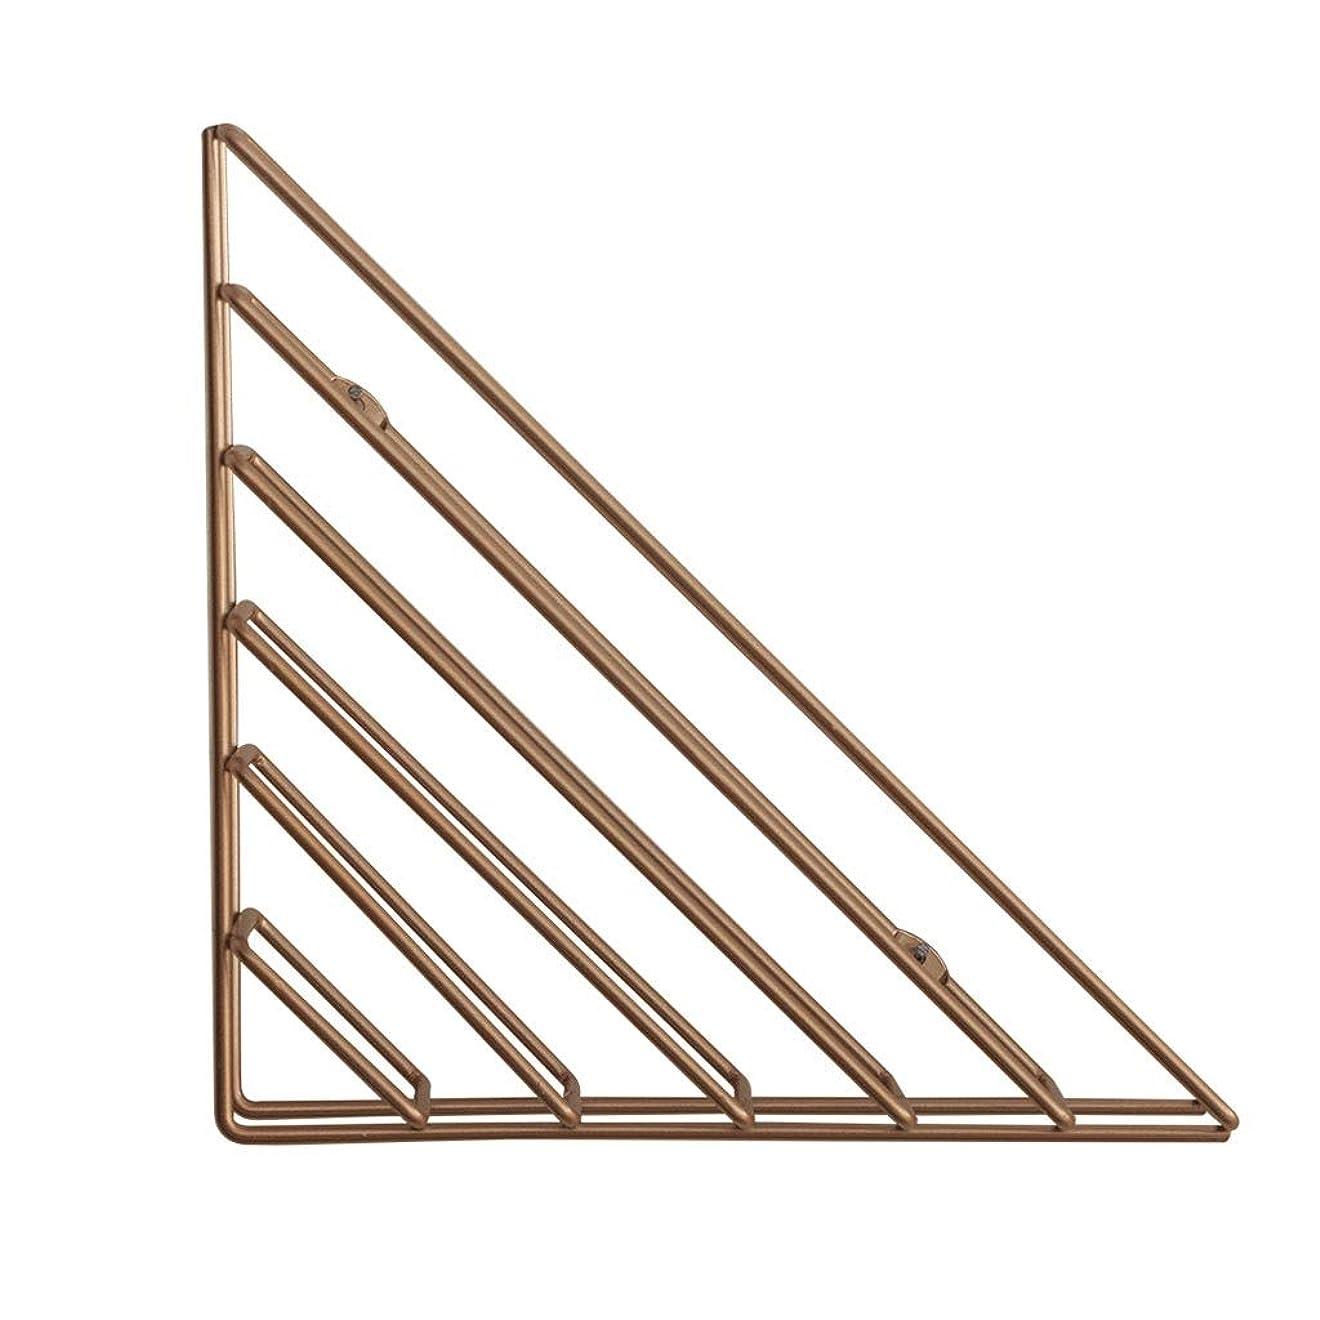 病者元気確かめる錬鉄製の三角形の壁掛け、壁掛け収納ラック、室内装飾、金属製の棚 - 16cmX6cmX16cm(ゴールド/ローズゴールド) (Color : Rose Gold)